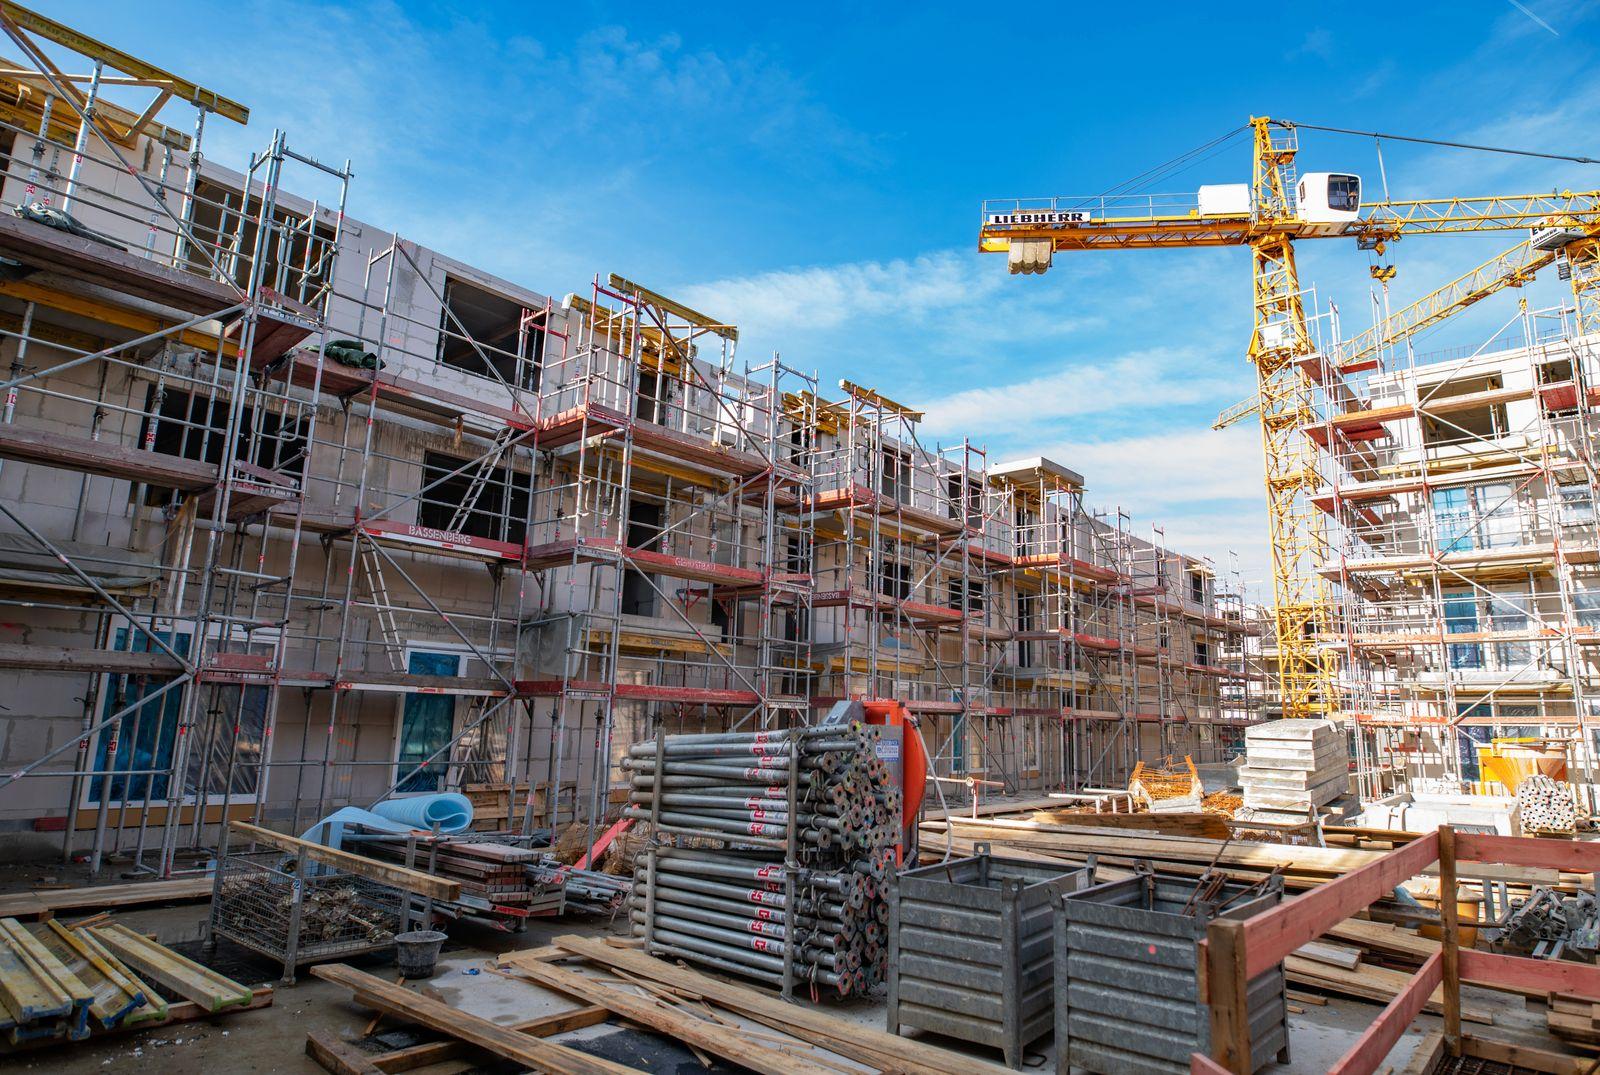 Wohnungsbau / Baustelle / Bauen / Wohnungen / Sozialwohnungen